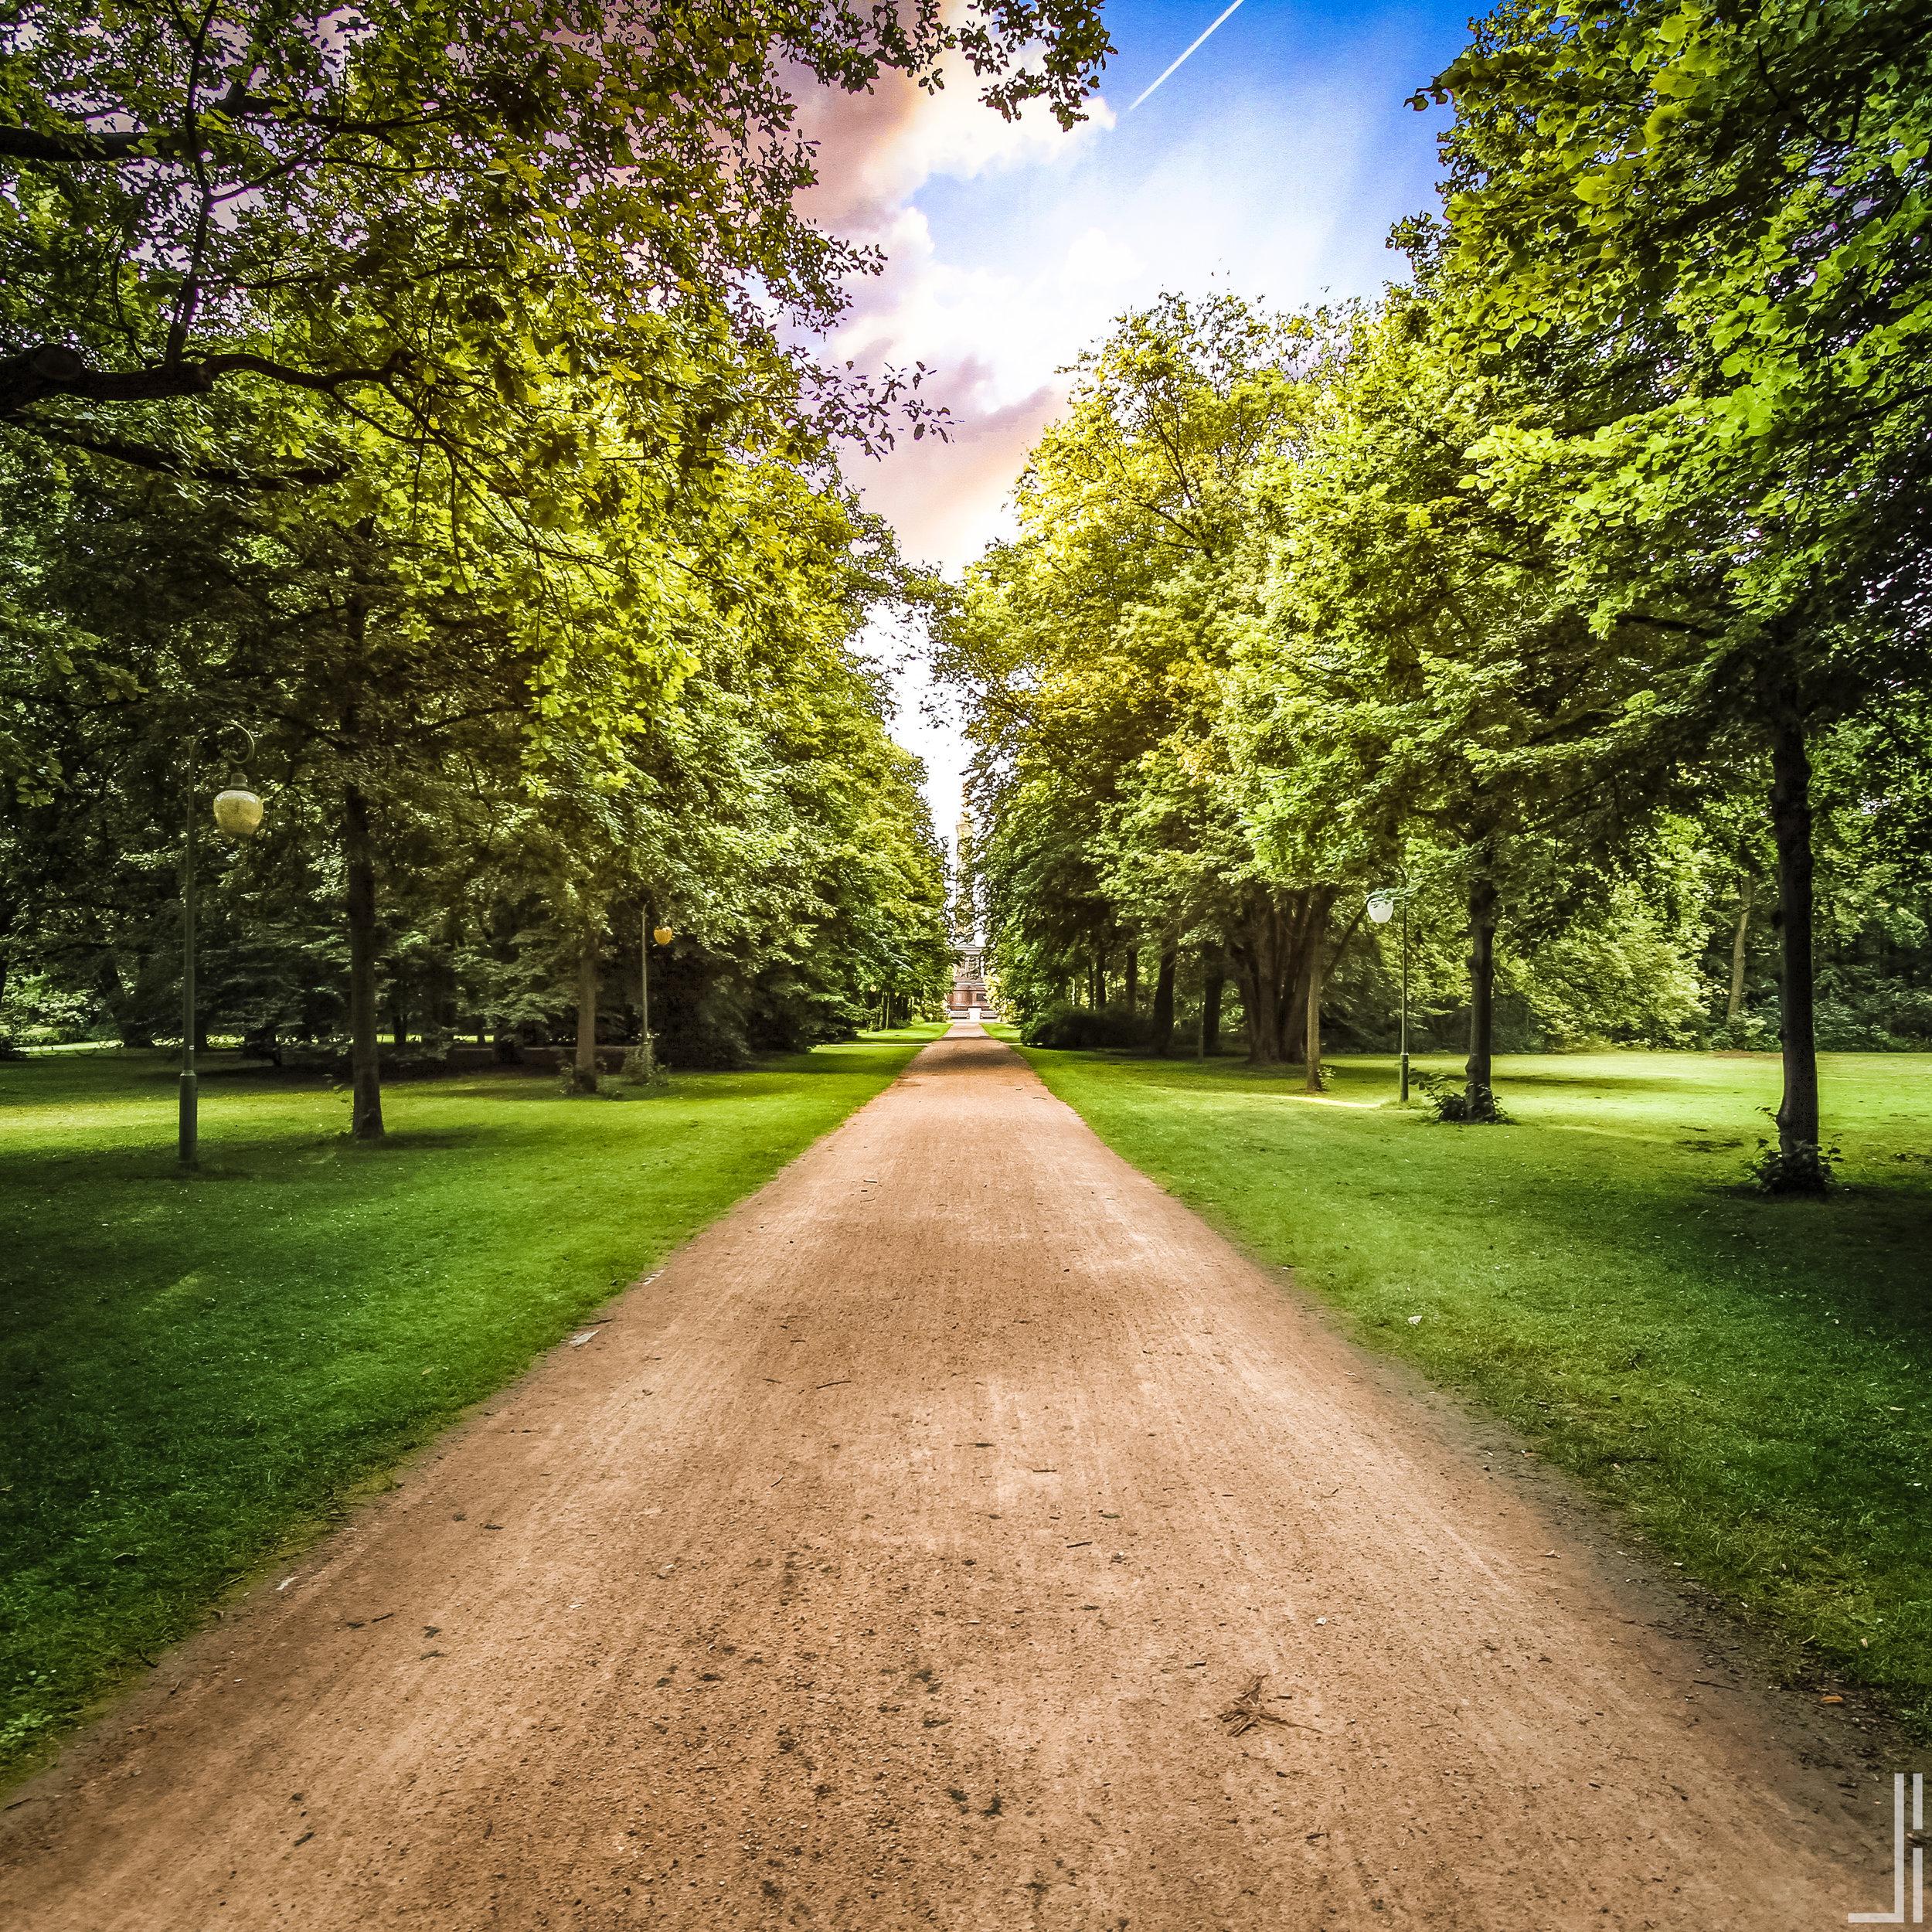 Großer Stern Tiergarten Berlijn - jbax